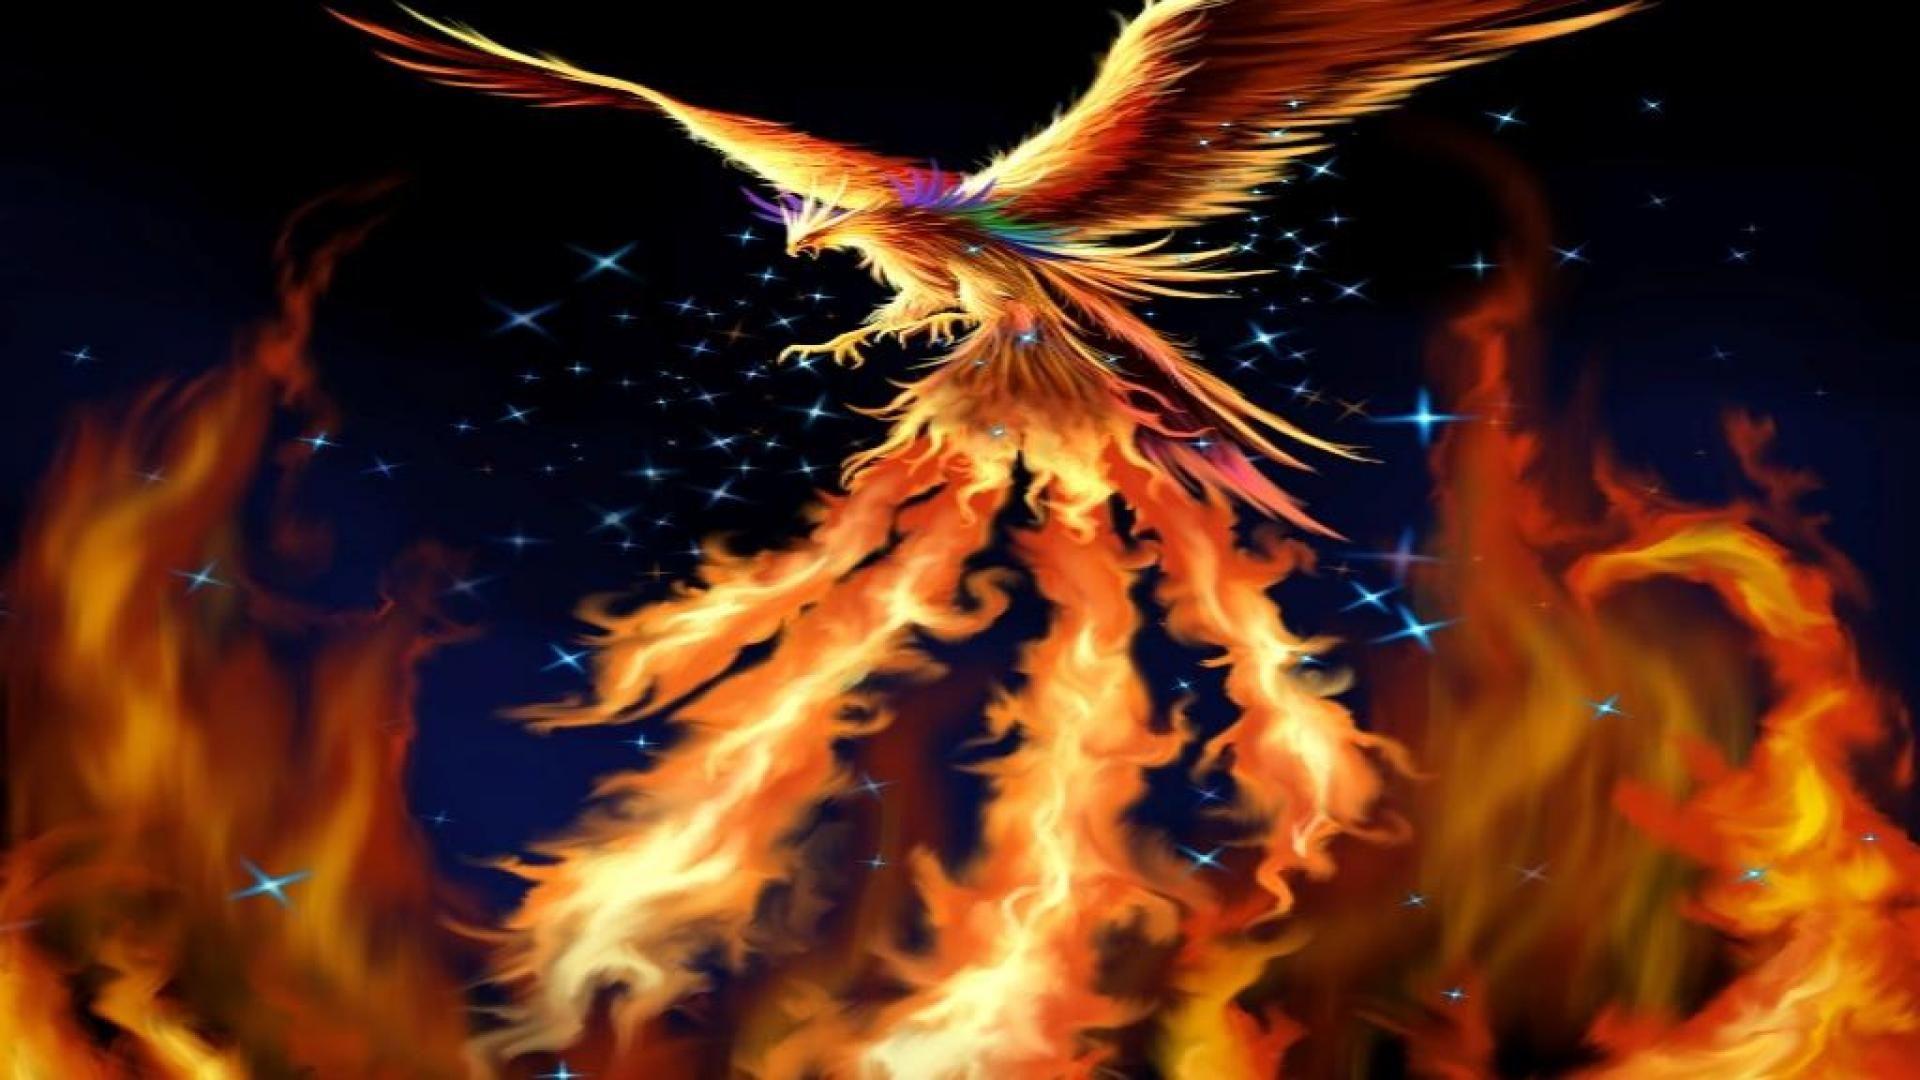 Downloads Picture Phoenix Bird 1280 800 Phoenix Images Wallpapers 42 Wallpapers Adorable Wallpapers Phoenix Wallpaper Phoenix Images Phoenix Bird